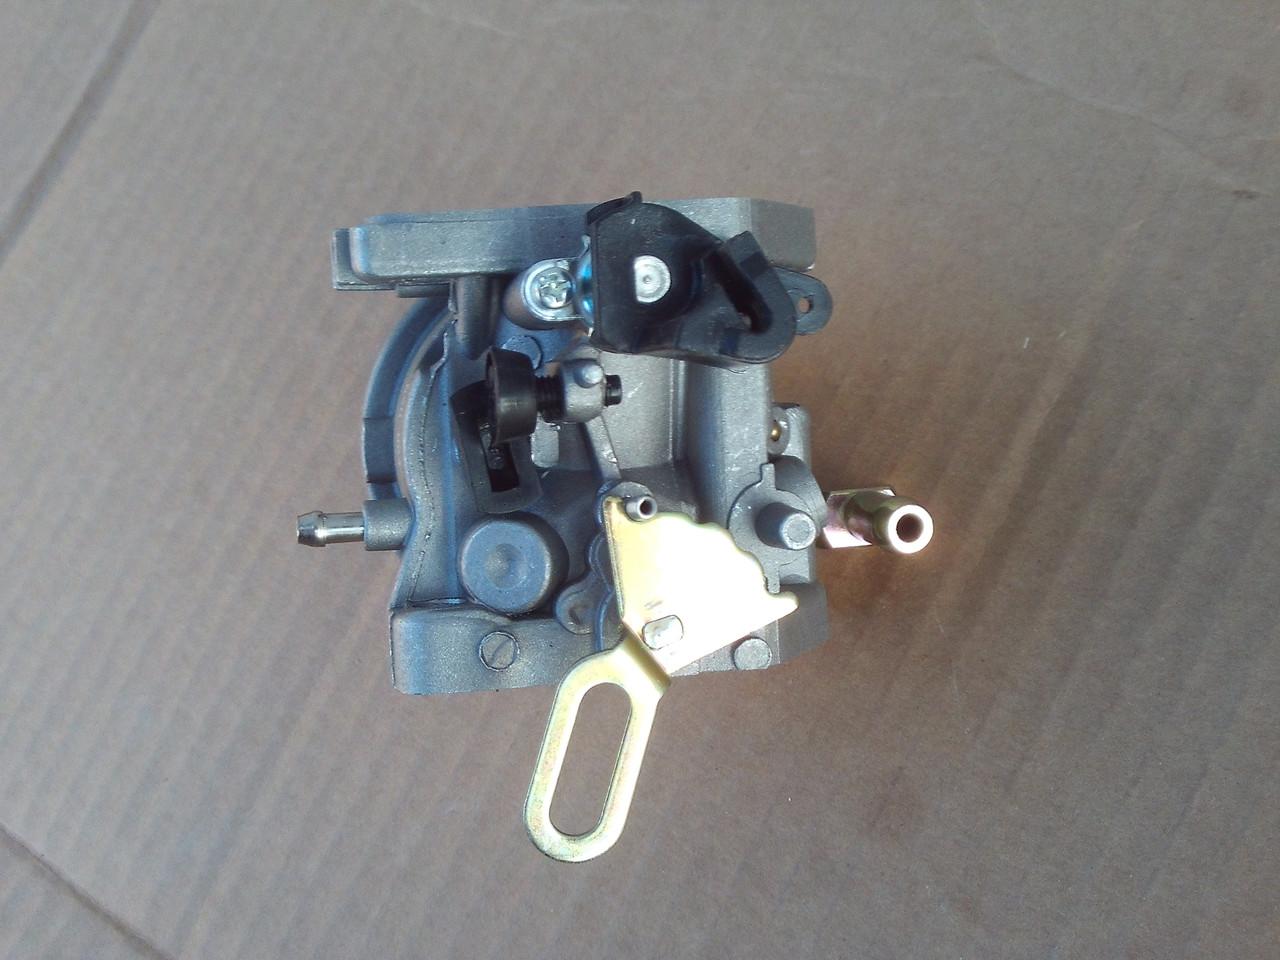 AR330613 rrma 8S BLX 5.0mm Sway Bar ARA330613